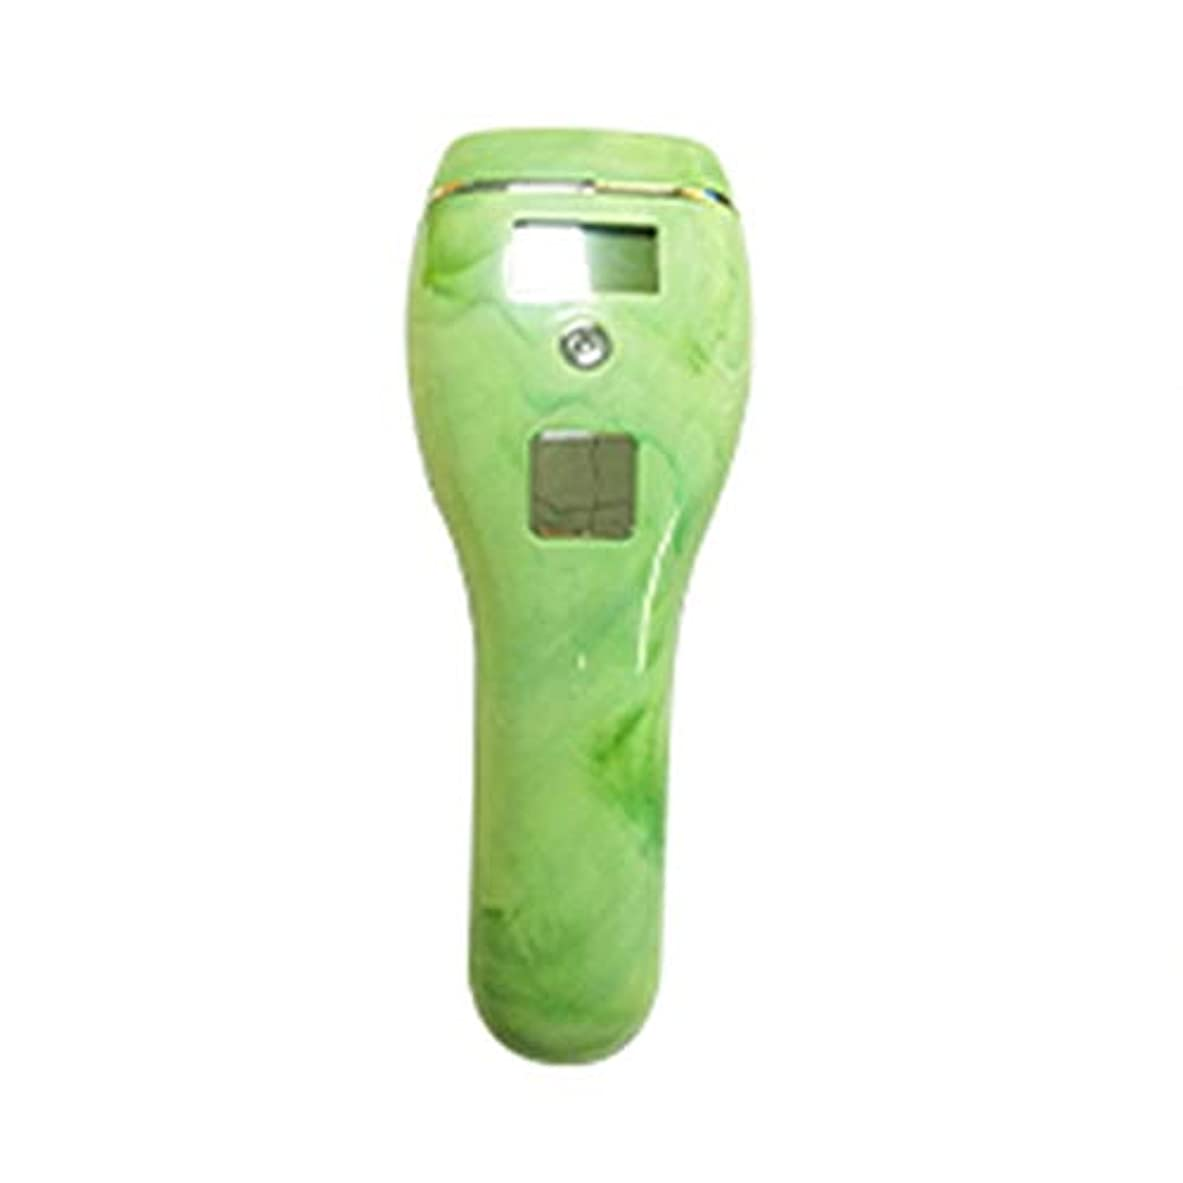 管理考える責任自動肌のカラーセンシング、グリーン、5速調整、クォーツチューブ、携帯用痛みのない全身凍結乾燥用除湿器、サイズ19x7x5cm 安全性 (Color : Green)